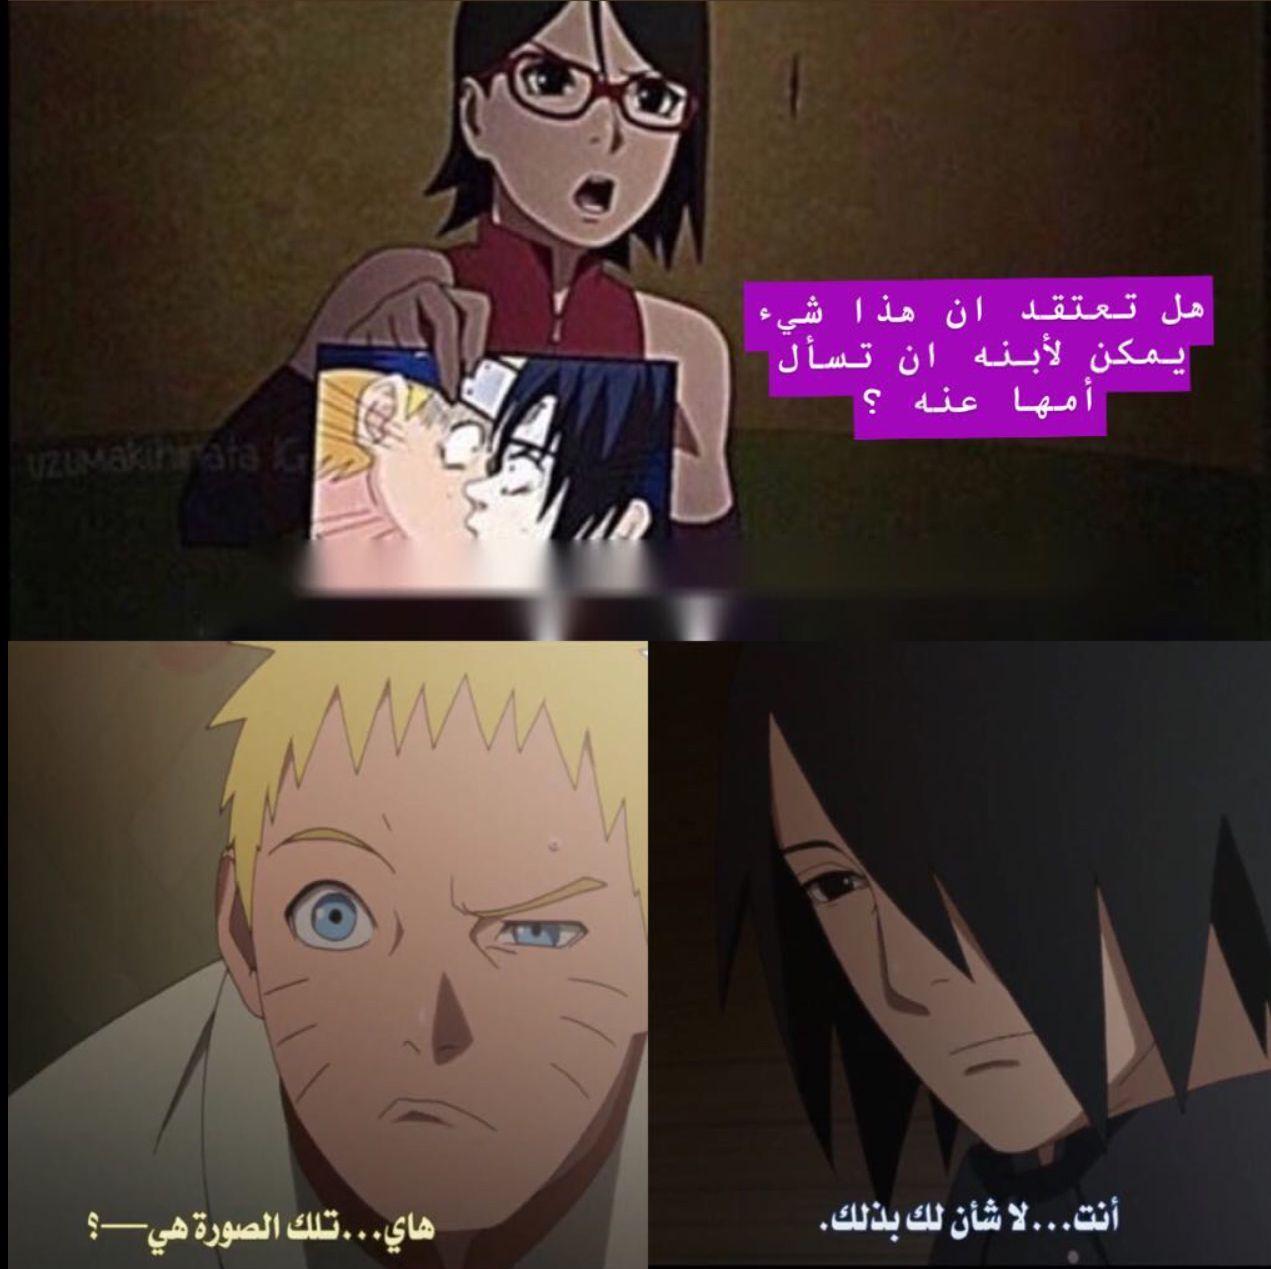 نكت انمي ناروتو وبوروتو Anime Jokes Anime Funny Anime Mems